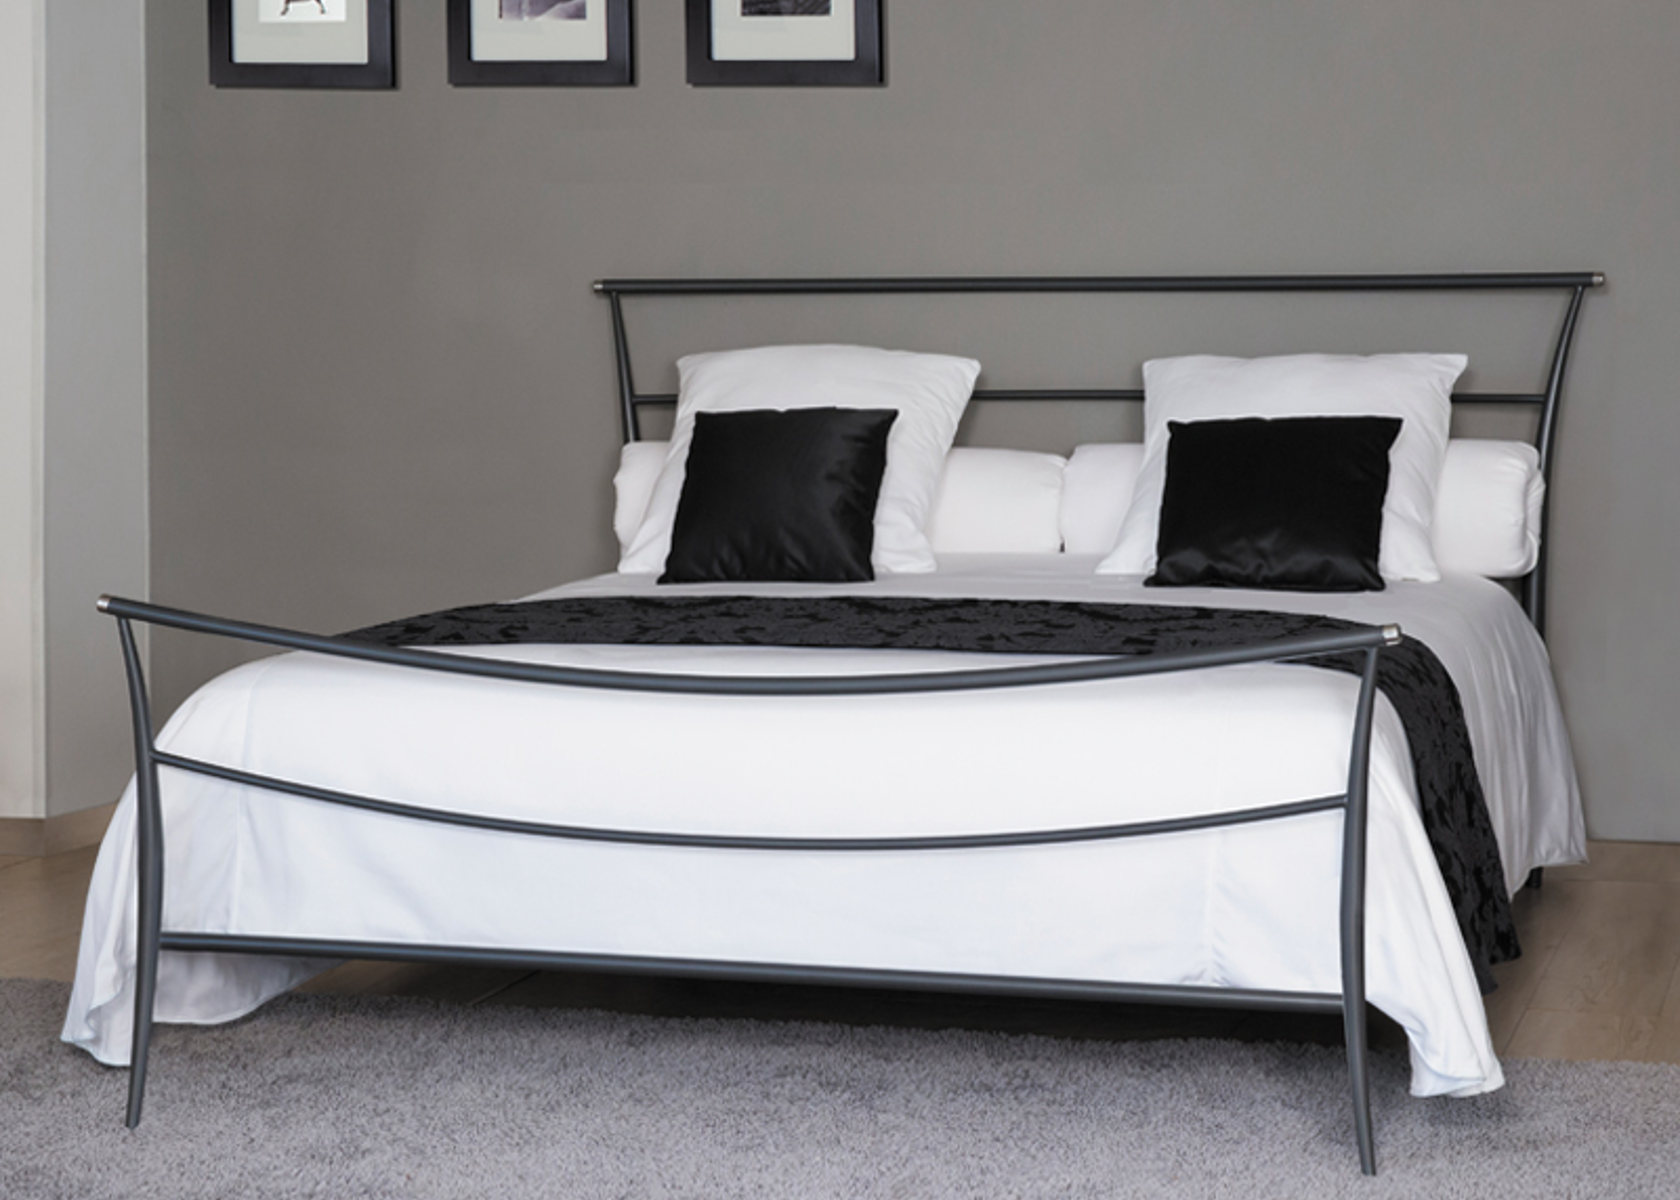 Full Size of Modernes Bett Sitges Metallbettenshop Betten Ikea 160x200 Vintage 180x200 Kopfteil Selber Machen Bauen Kleinkind Erhöhtes Für übergewichtige überlänge Bett Modernes Bett